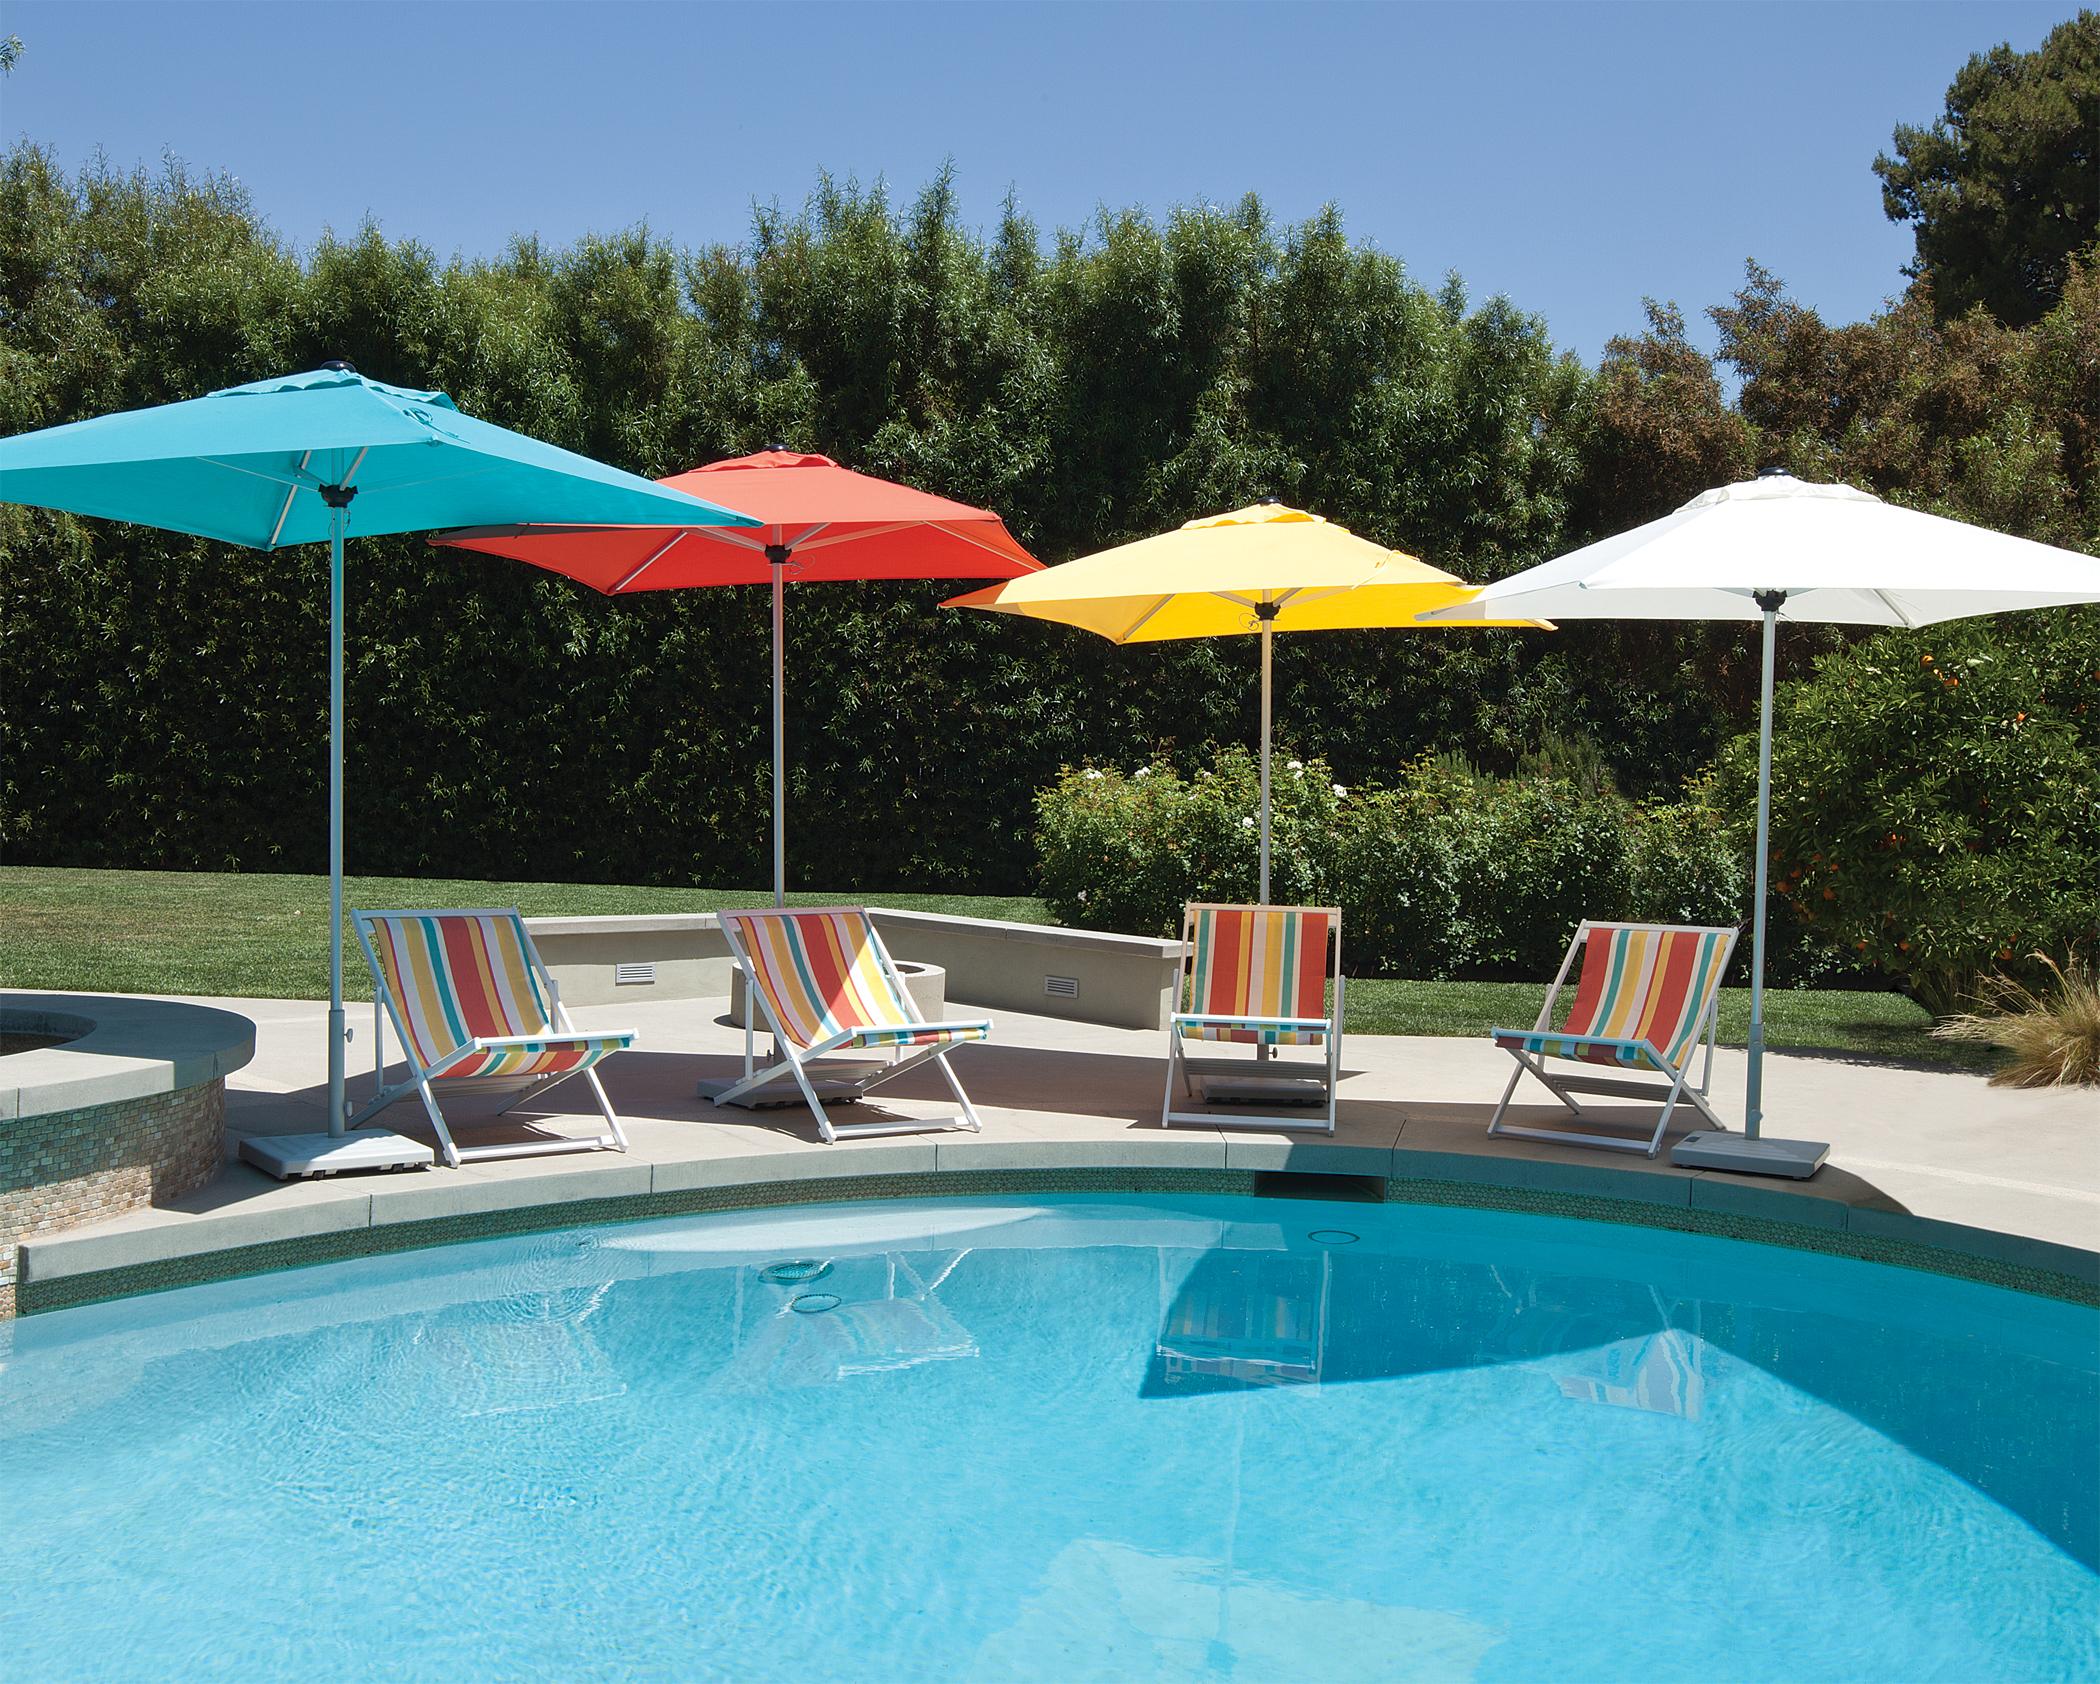 treasure garden patio umbrella